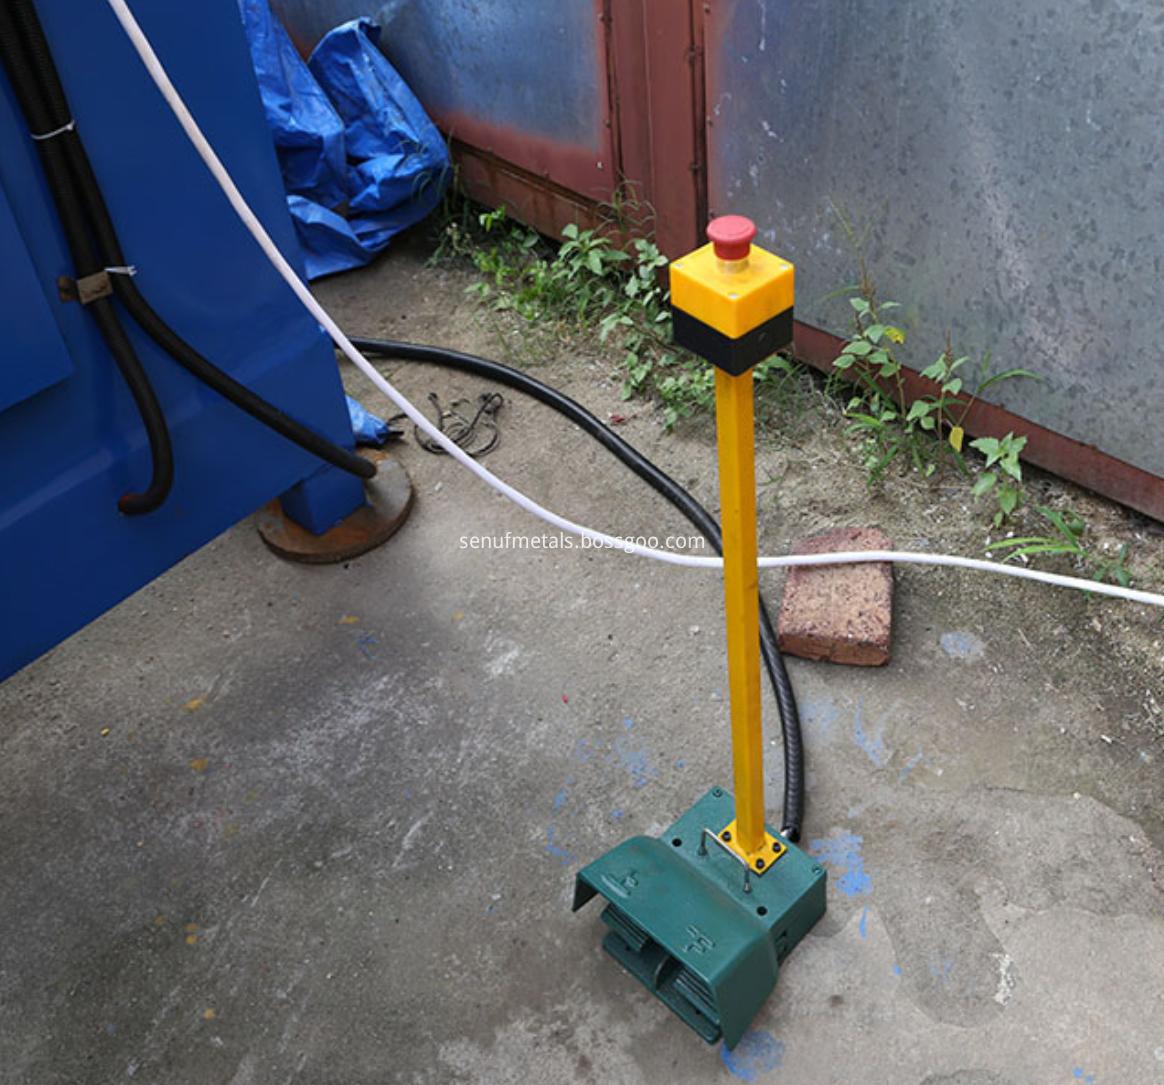 cnc metal press brake bending machine (2)